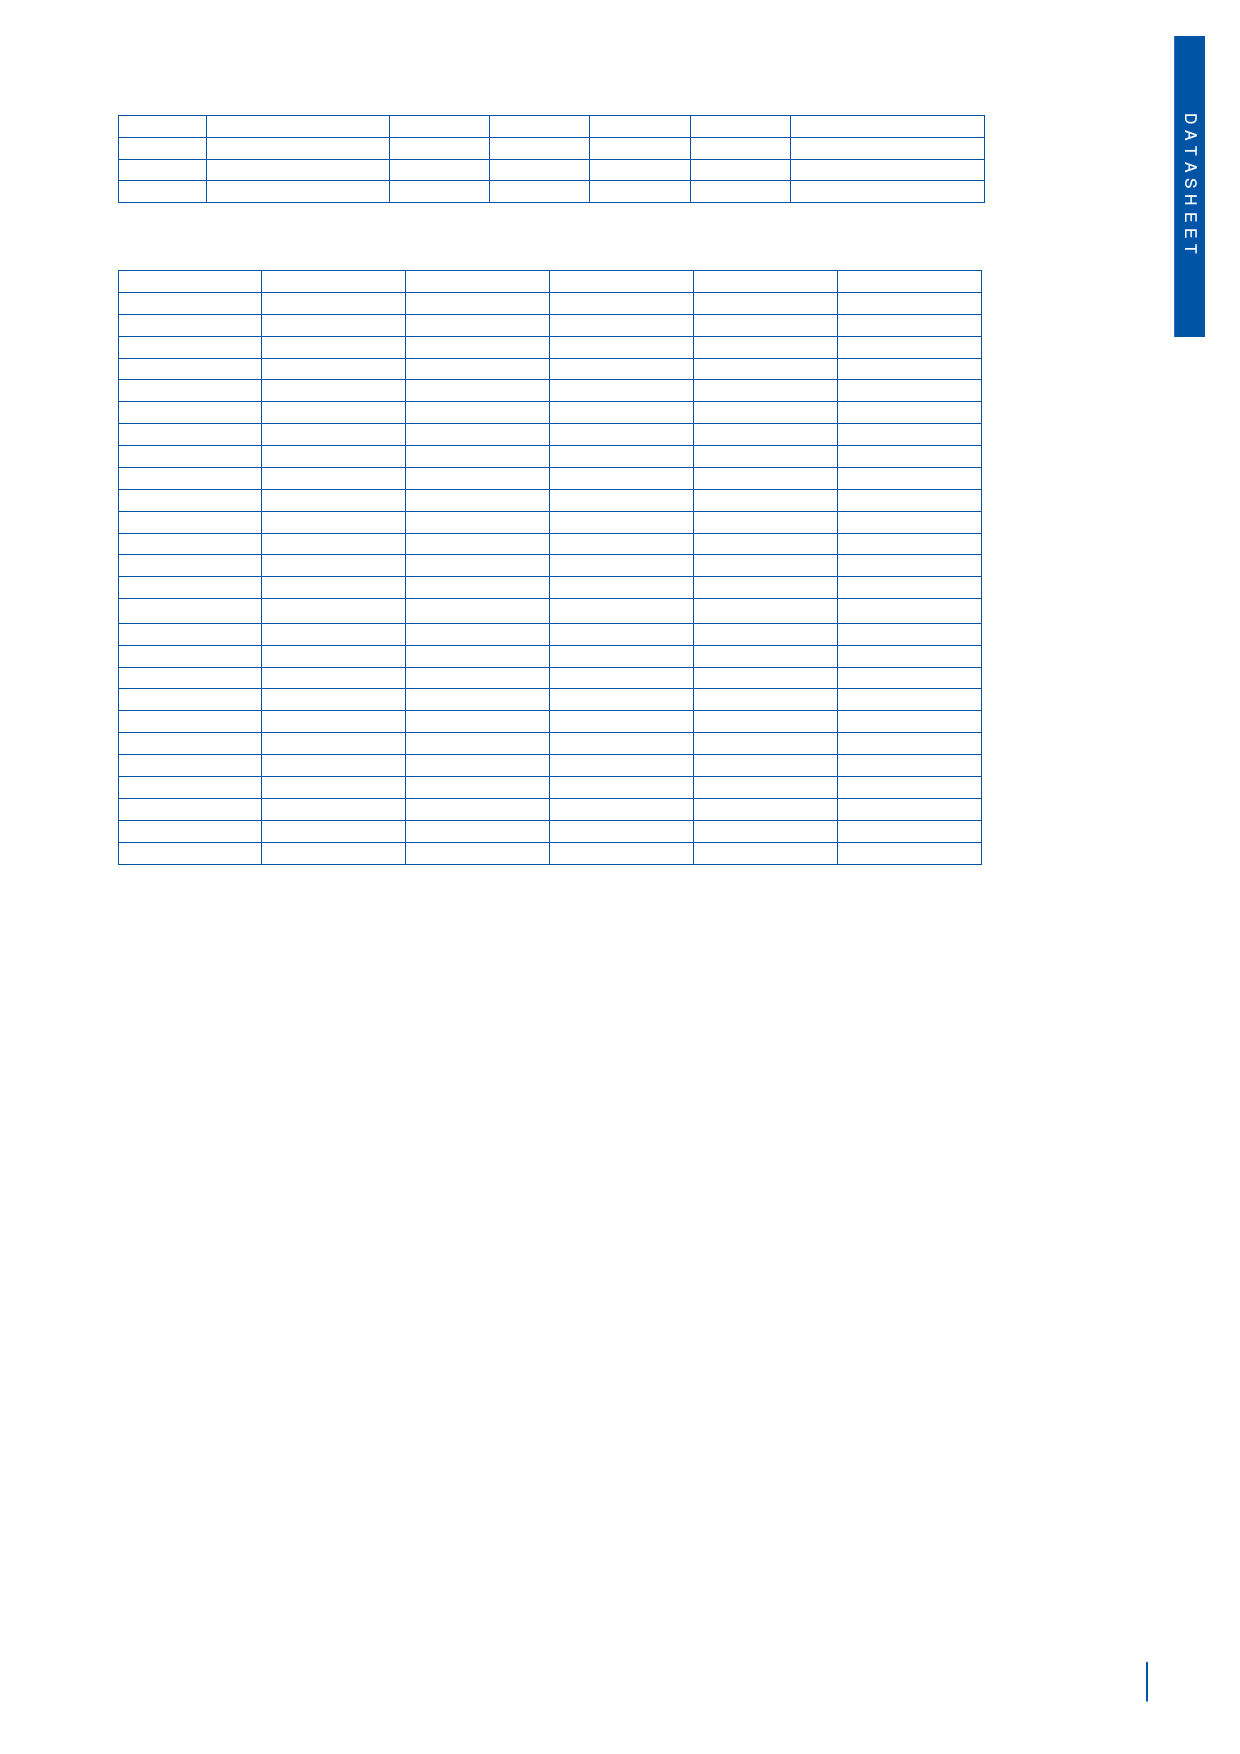 TPS3367 pdf, arduino